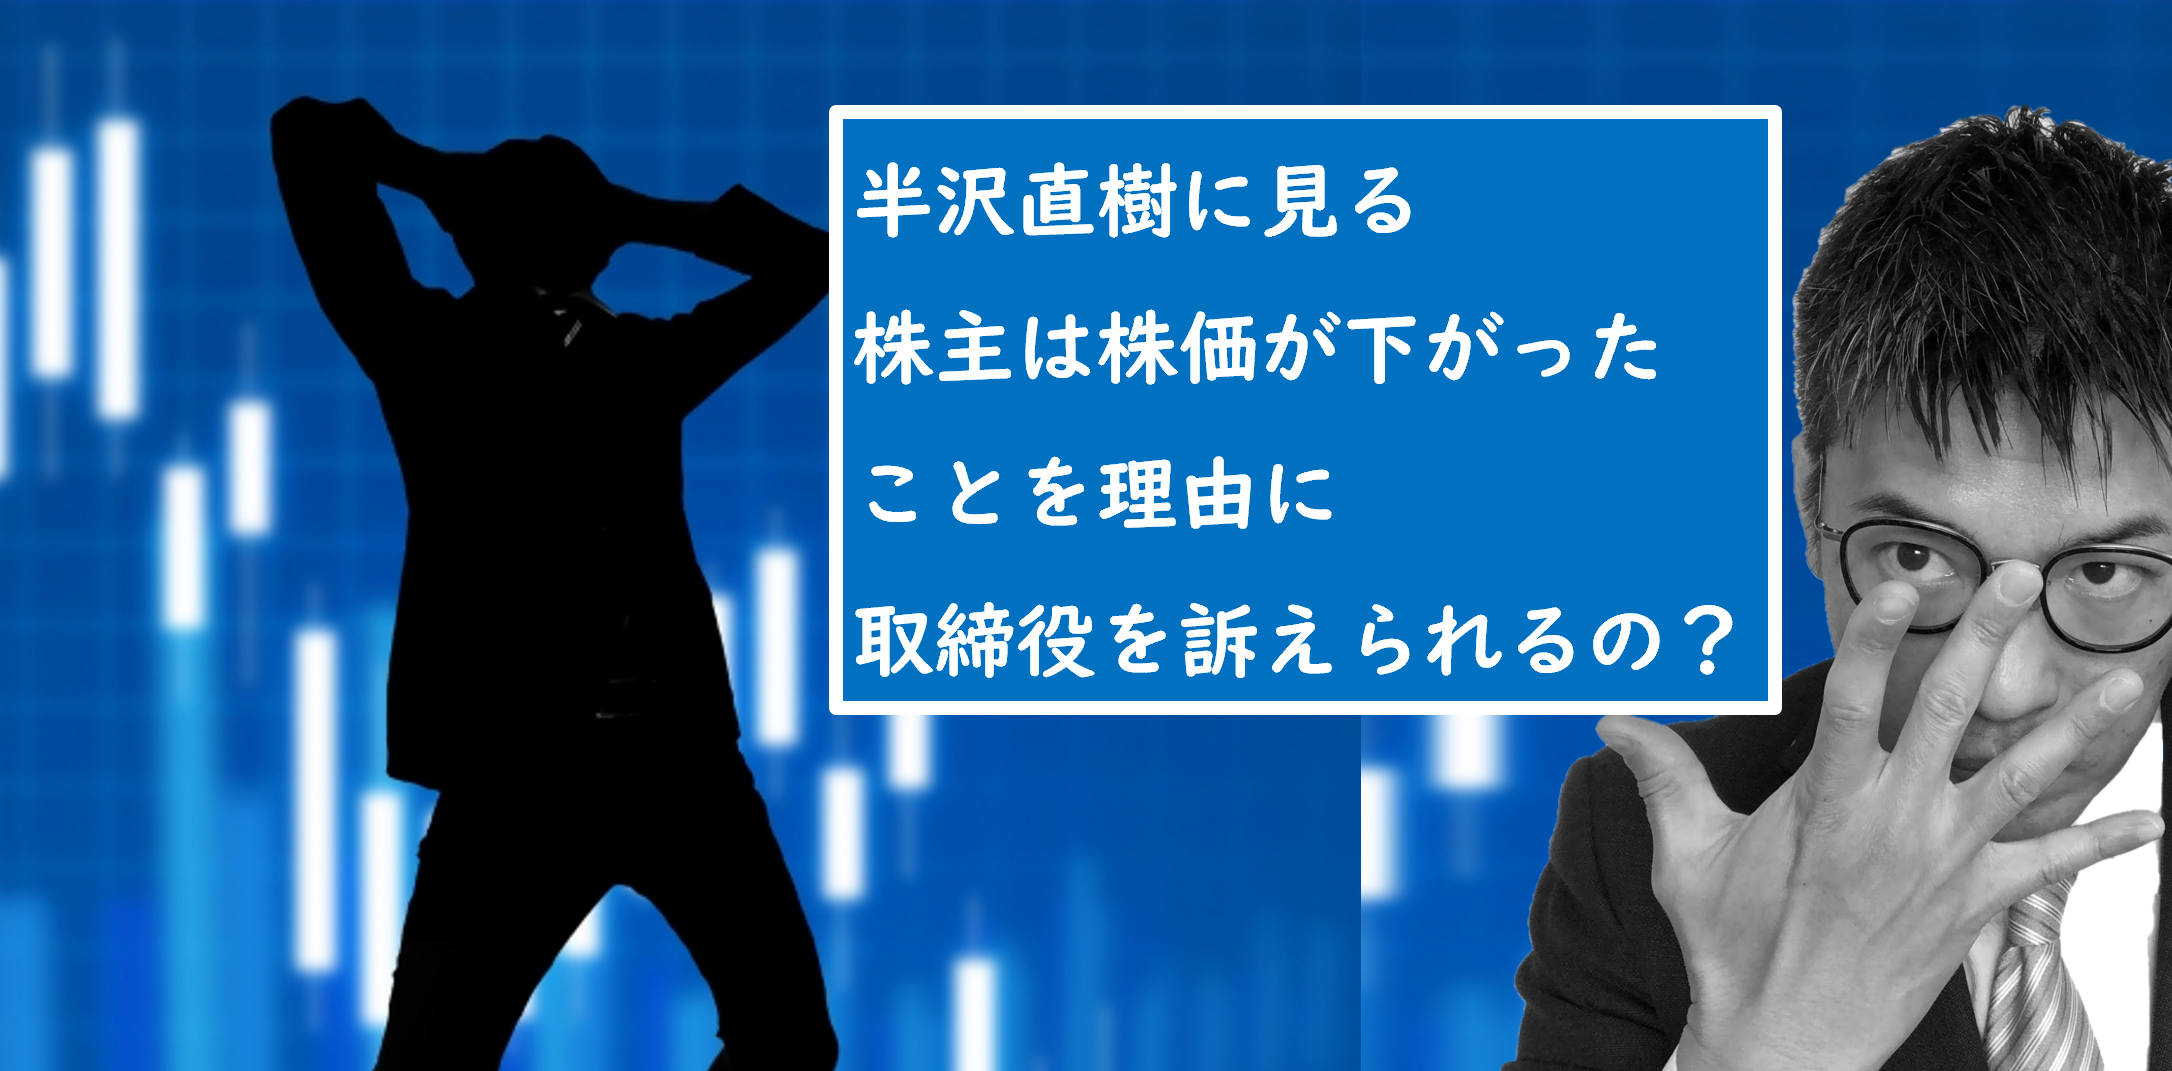 株主代表訴訟についてのブログ